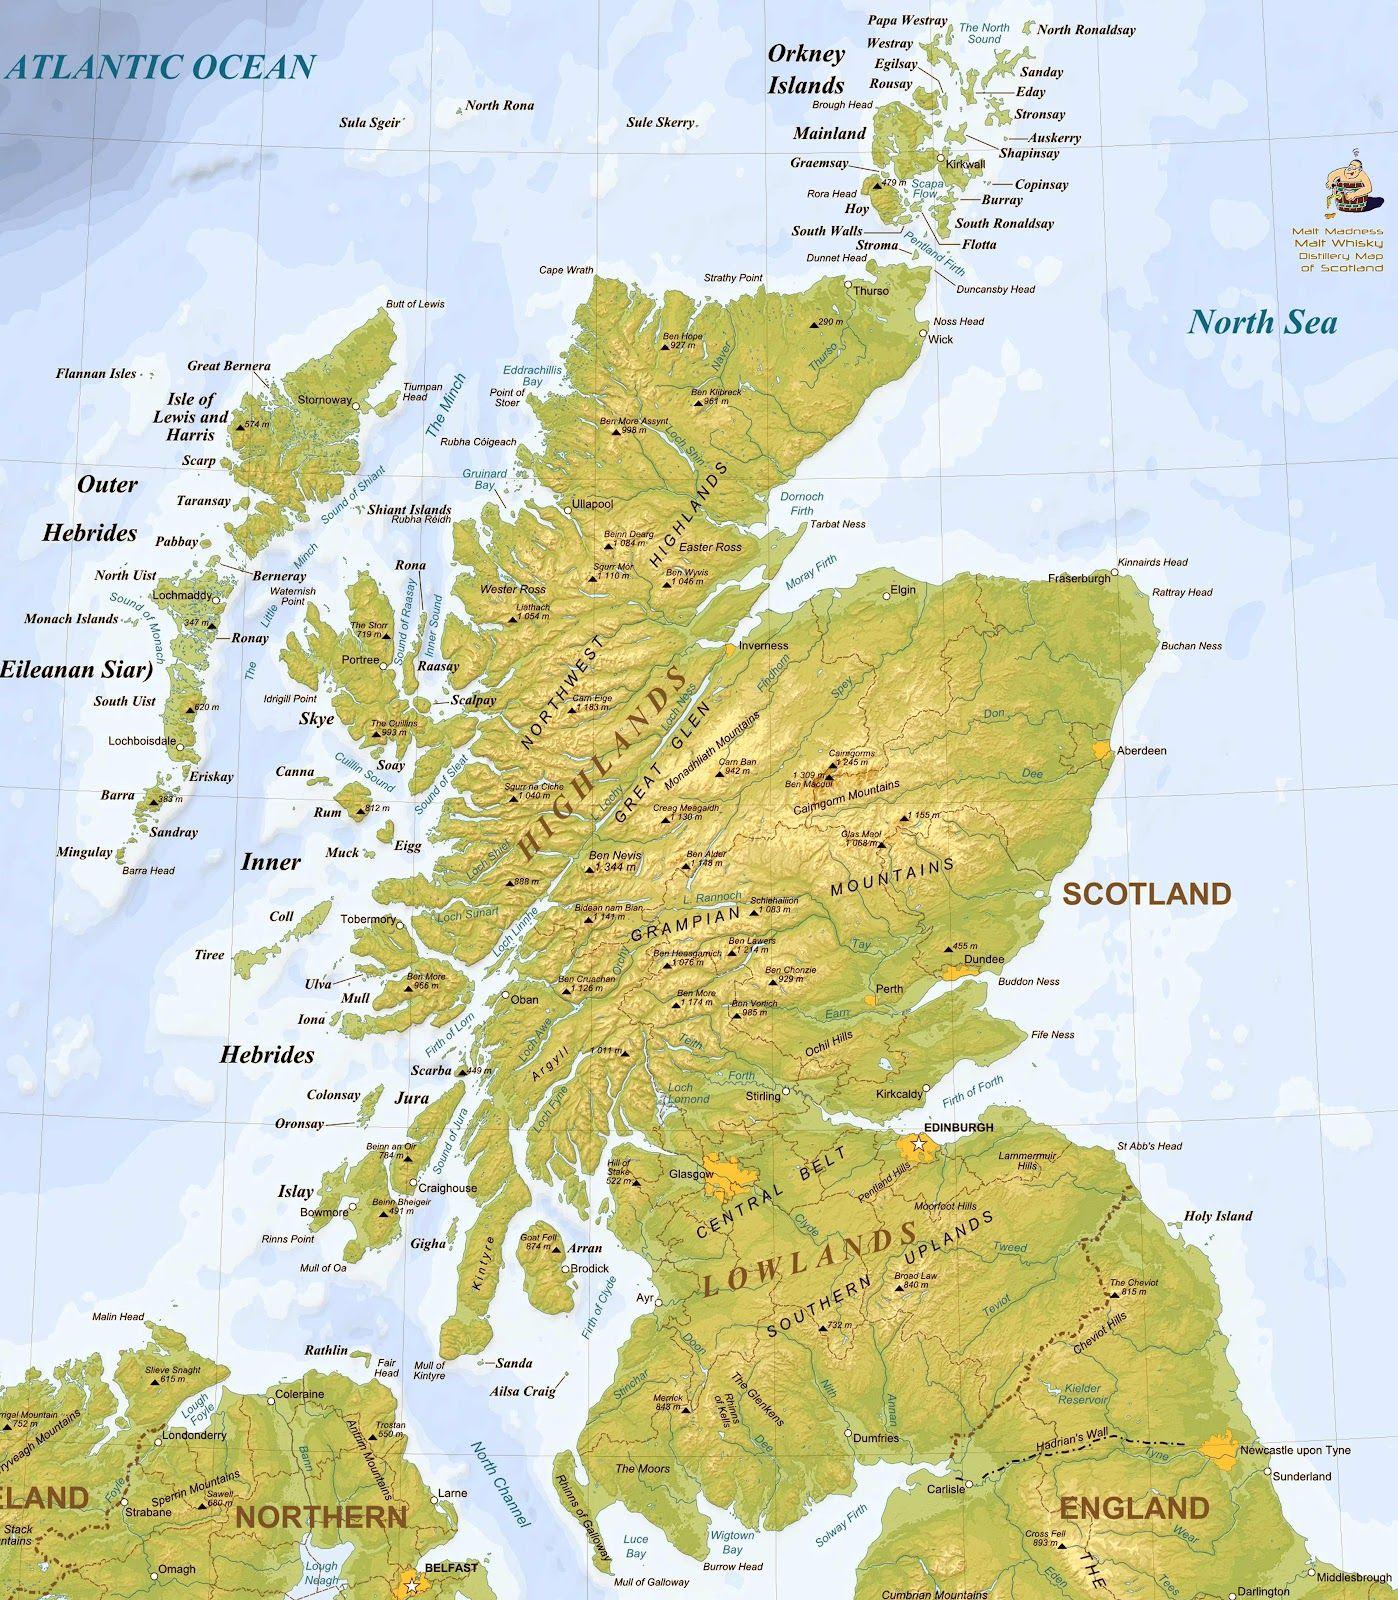 Bra Karta Over Alla Destillerier Pa Skottland Skottland Resor